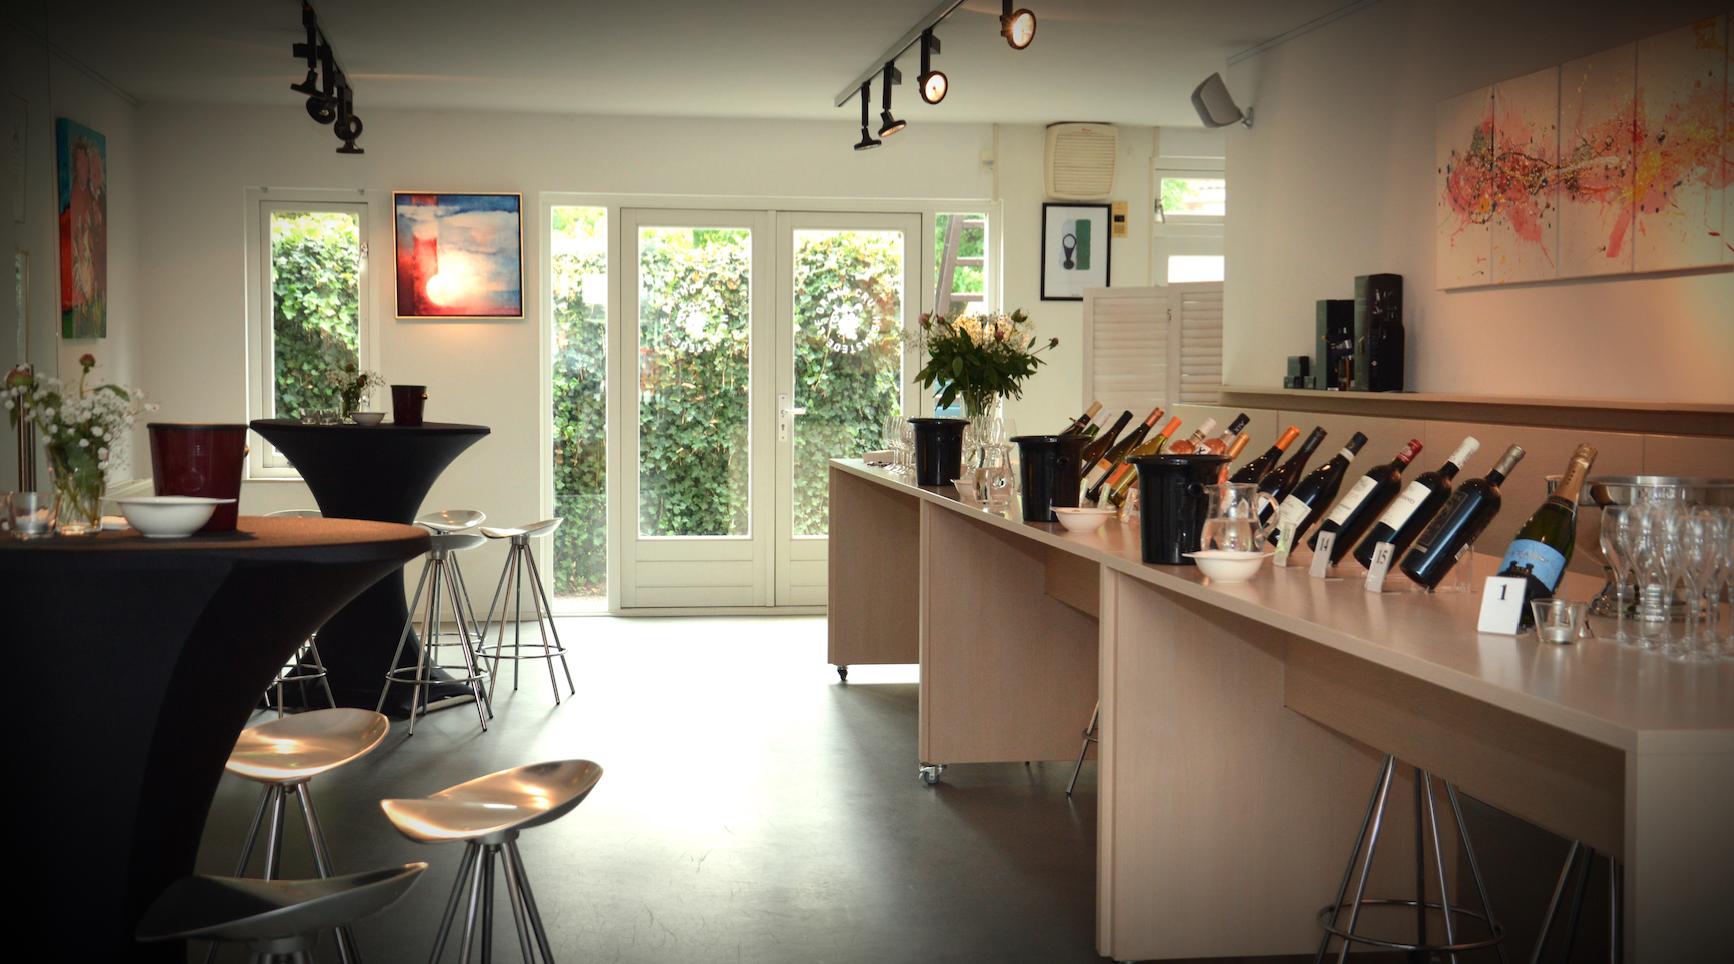 Le-Grand-Cru-wijnwinkel-Heemstede-wijnspeciaalzaak-proeflokaal